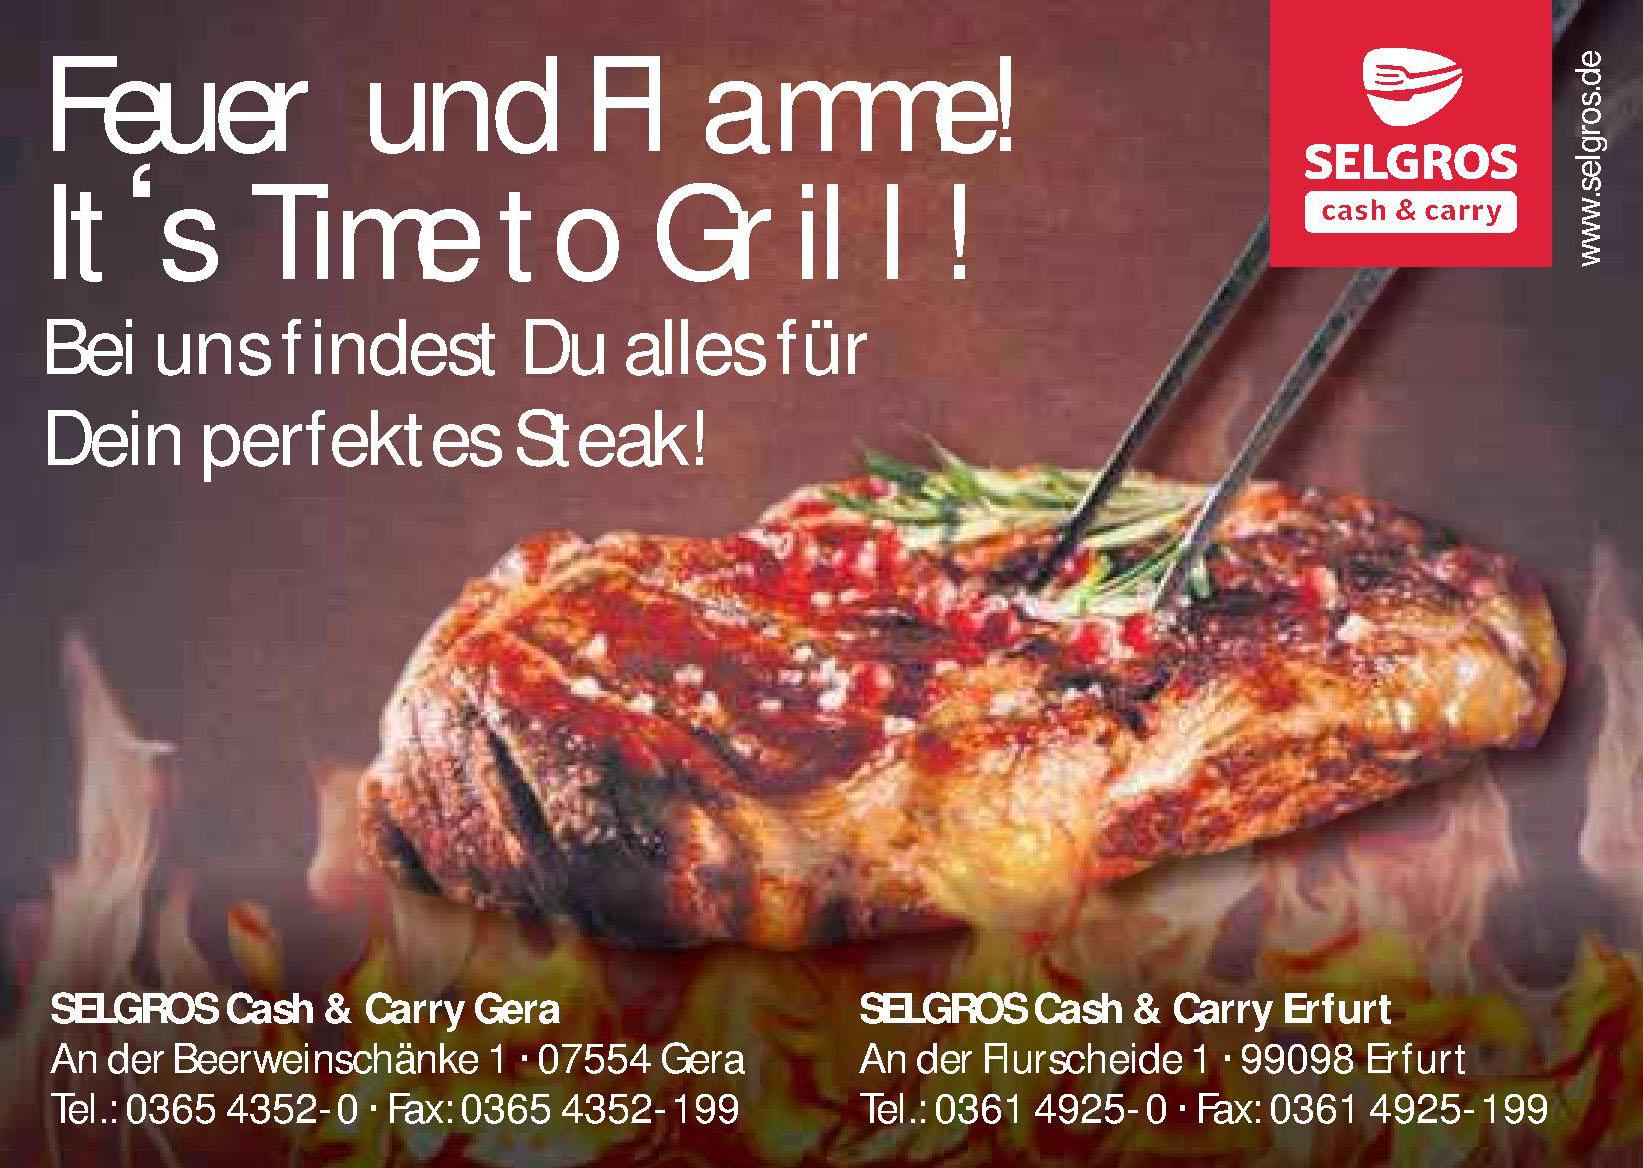 <br><b> SELGROS Cash & Carry Gera </b> <p></p> An der Beerweinschänke 1 <p></p> 07554 Gera  <p></p> Tel.: 0365 4352-0 <p></p><a href='https://selgros.de>selgros.de'</a> </p> <hr> <p></p> SELGROS Cash & Carry Erfurt <p></p> An der Flurscheide 1 <p></p> 99098 Erfurt <p></p> Tel.: 0361 4925-0 </p>